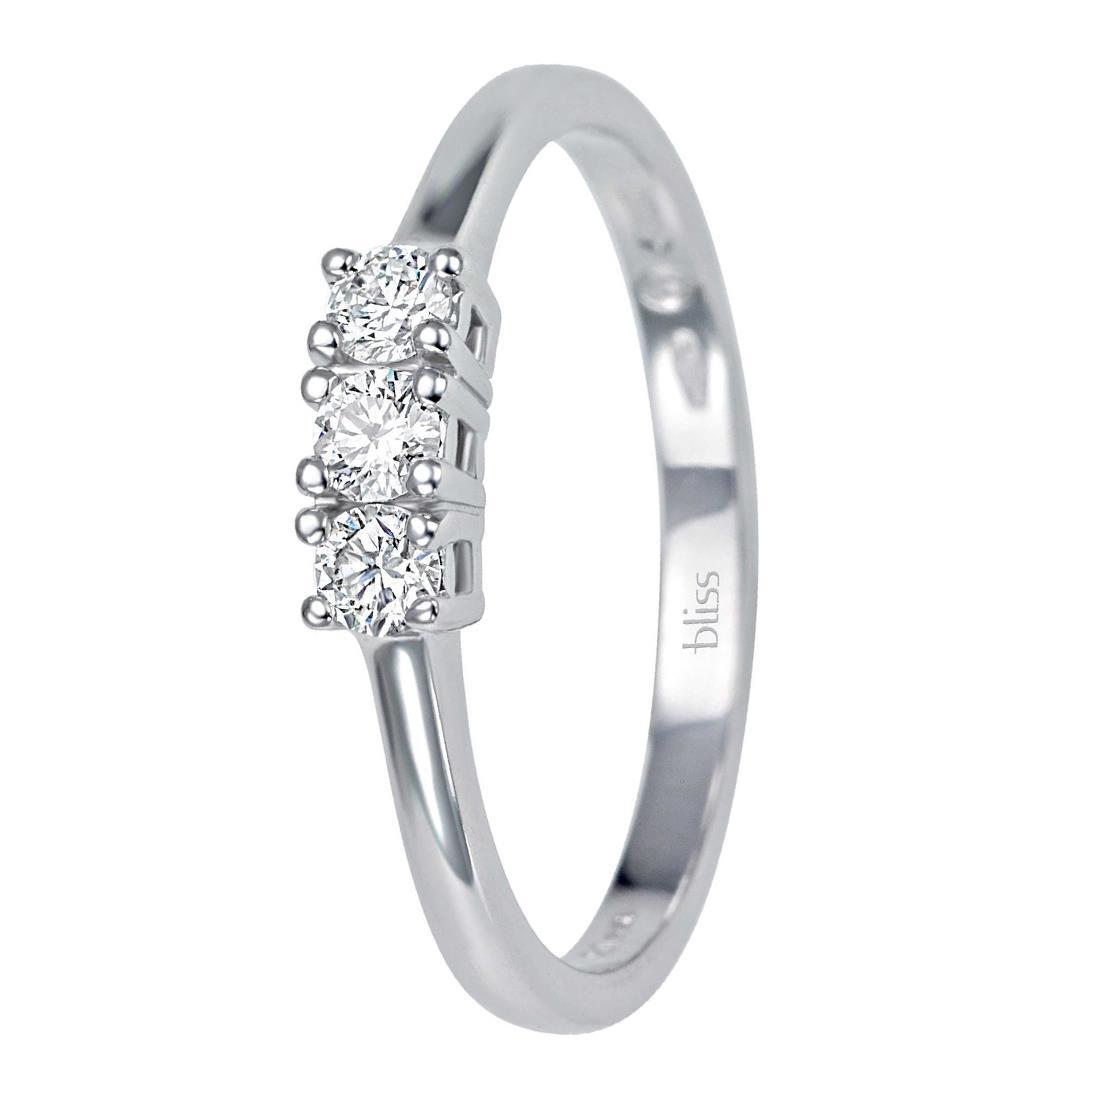 Anello trilogy con diamanti 0.12 ct - BLISS